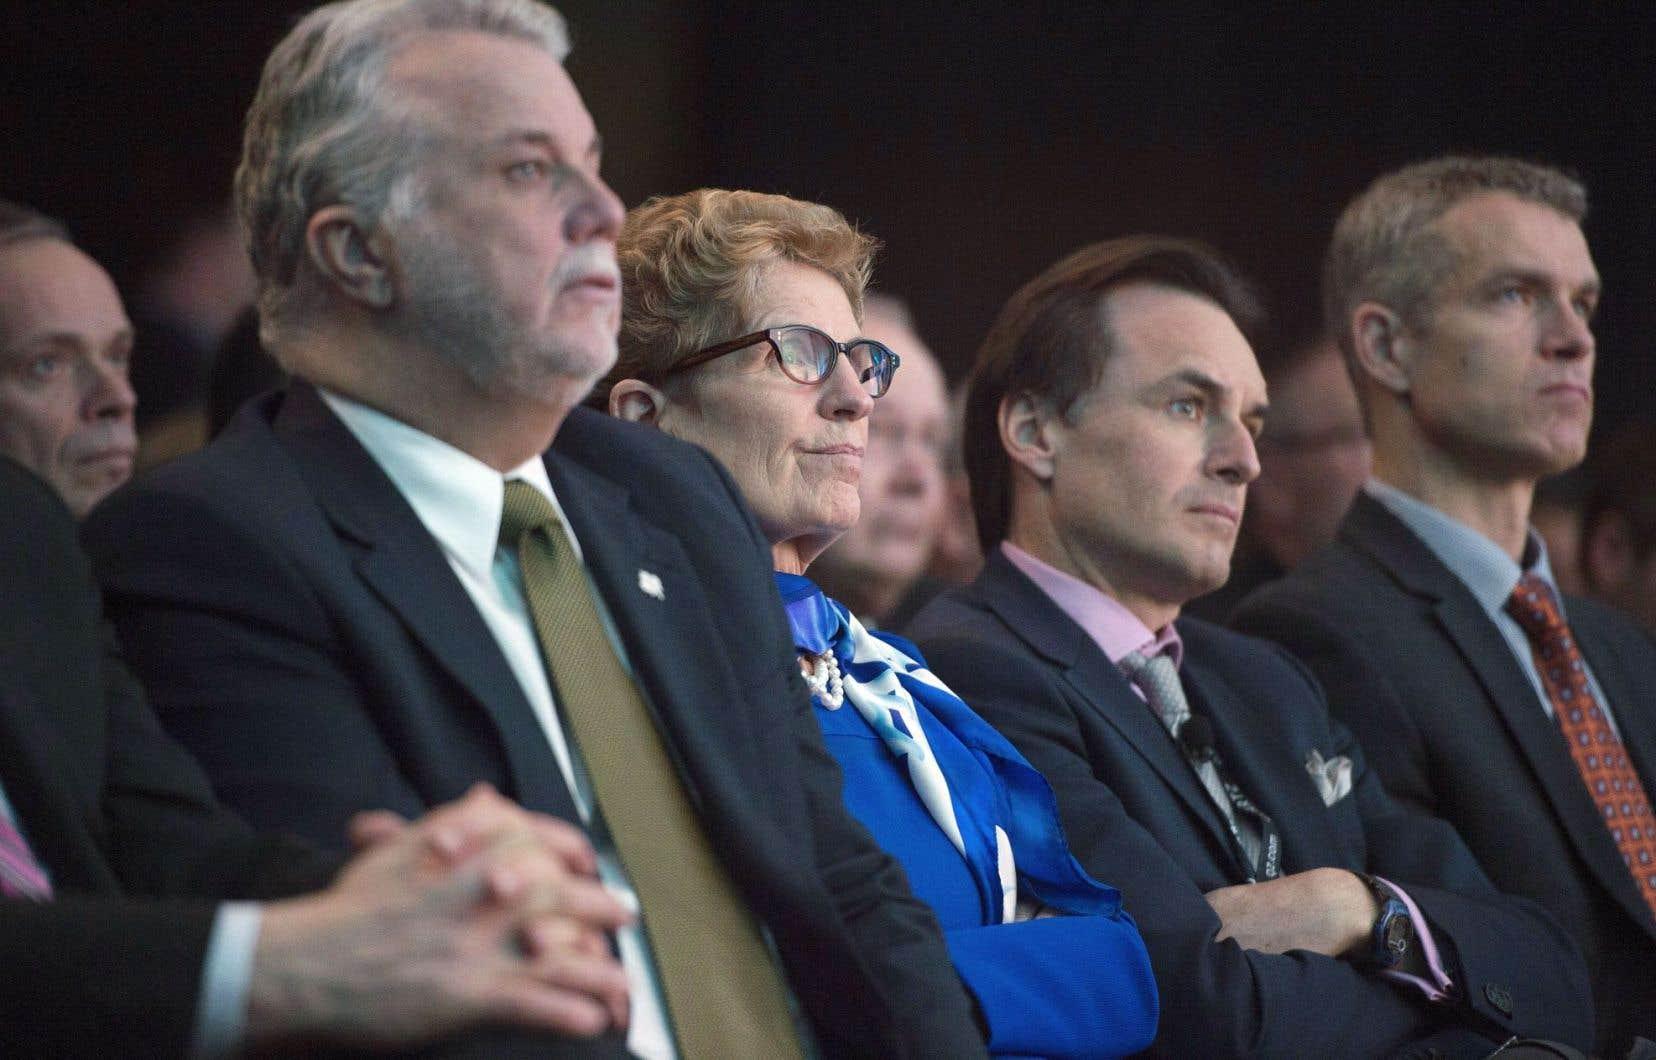 Les premiers ministres de l'Ontario et du Québec, Philippe Couillard et Kathleen Wynne, écoutent leur homologue fédéral, Justin Trudeau, à qui ils réclament un soutien financier pour Bombardier.